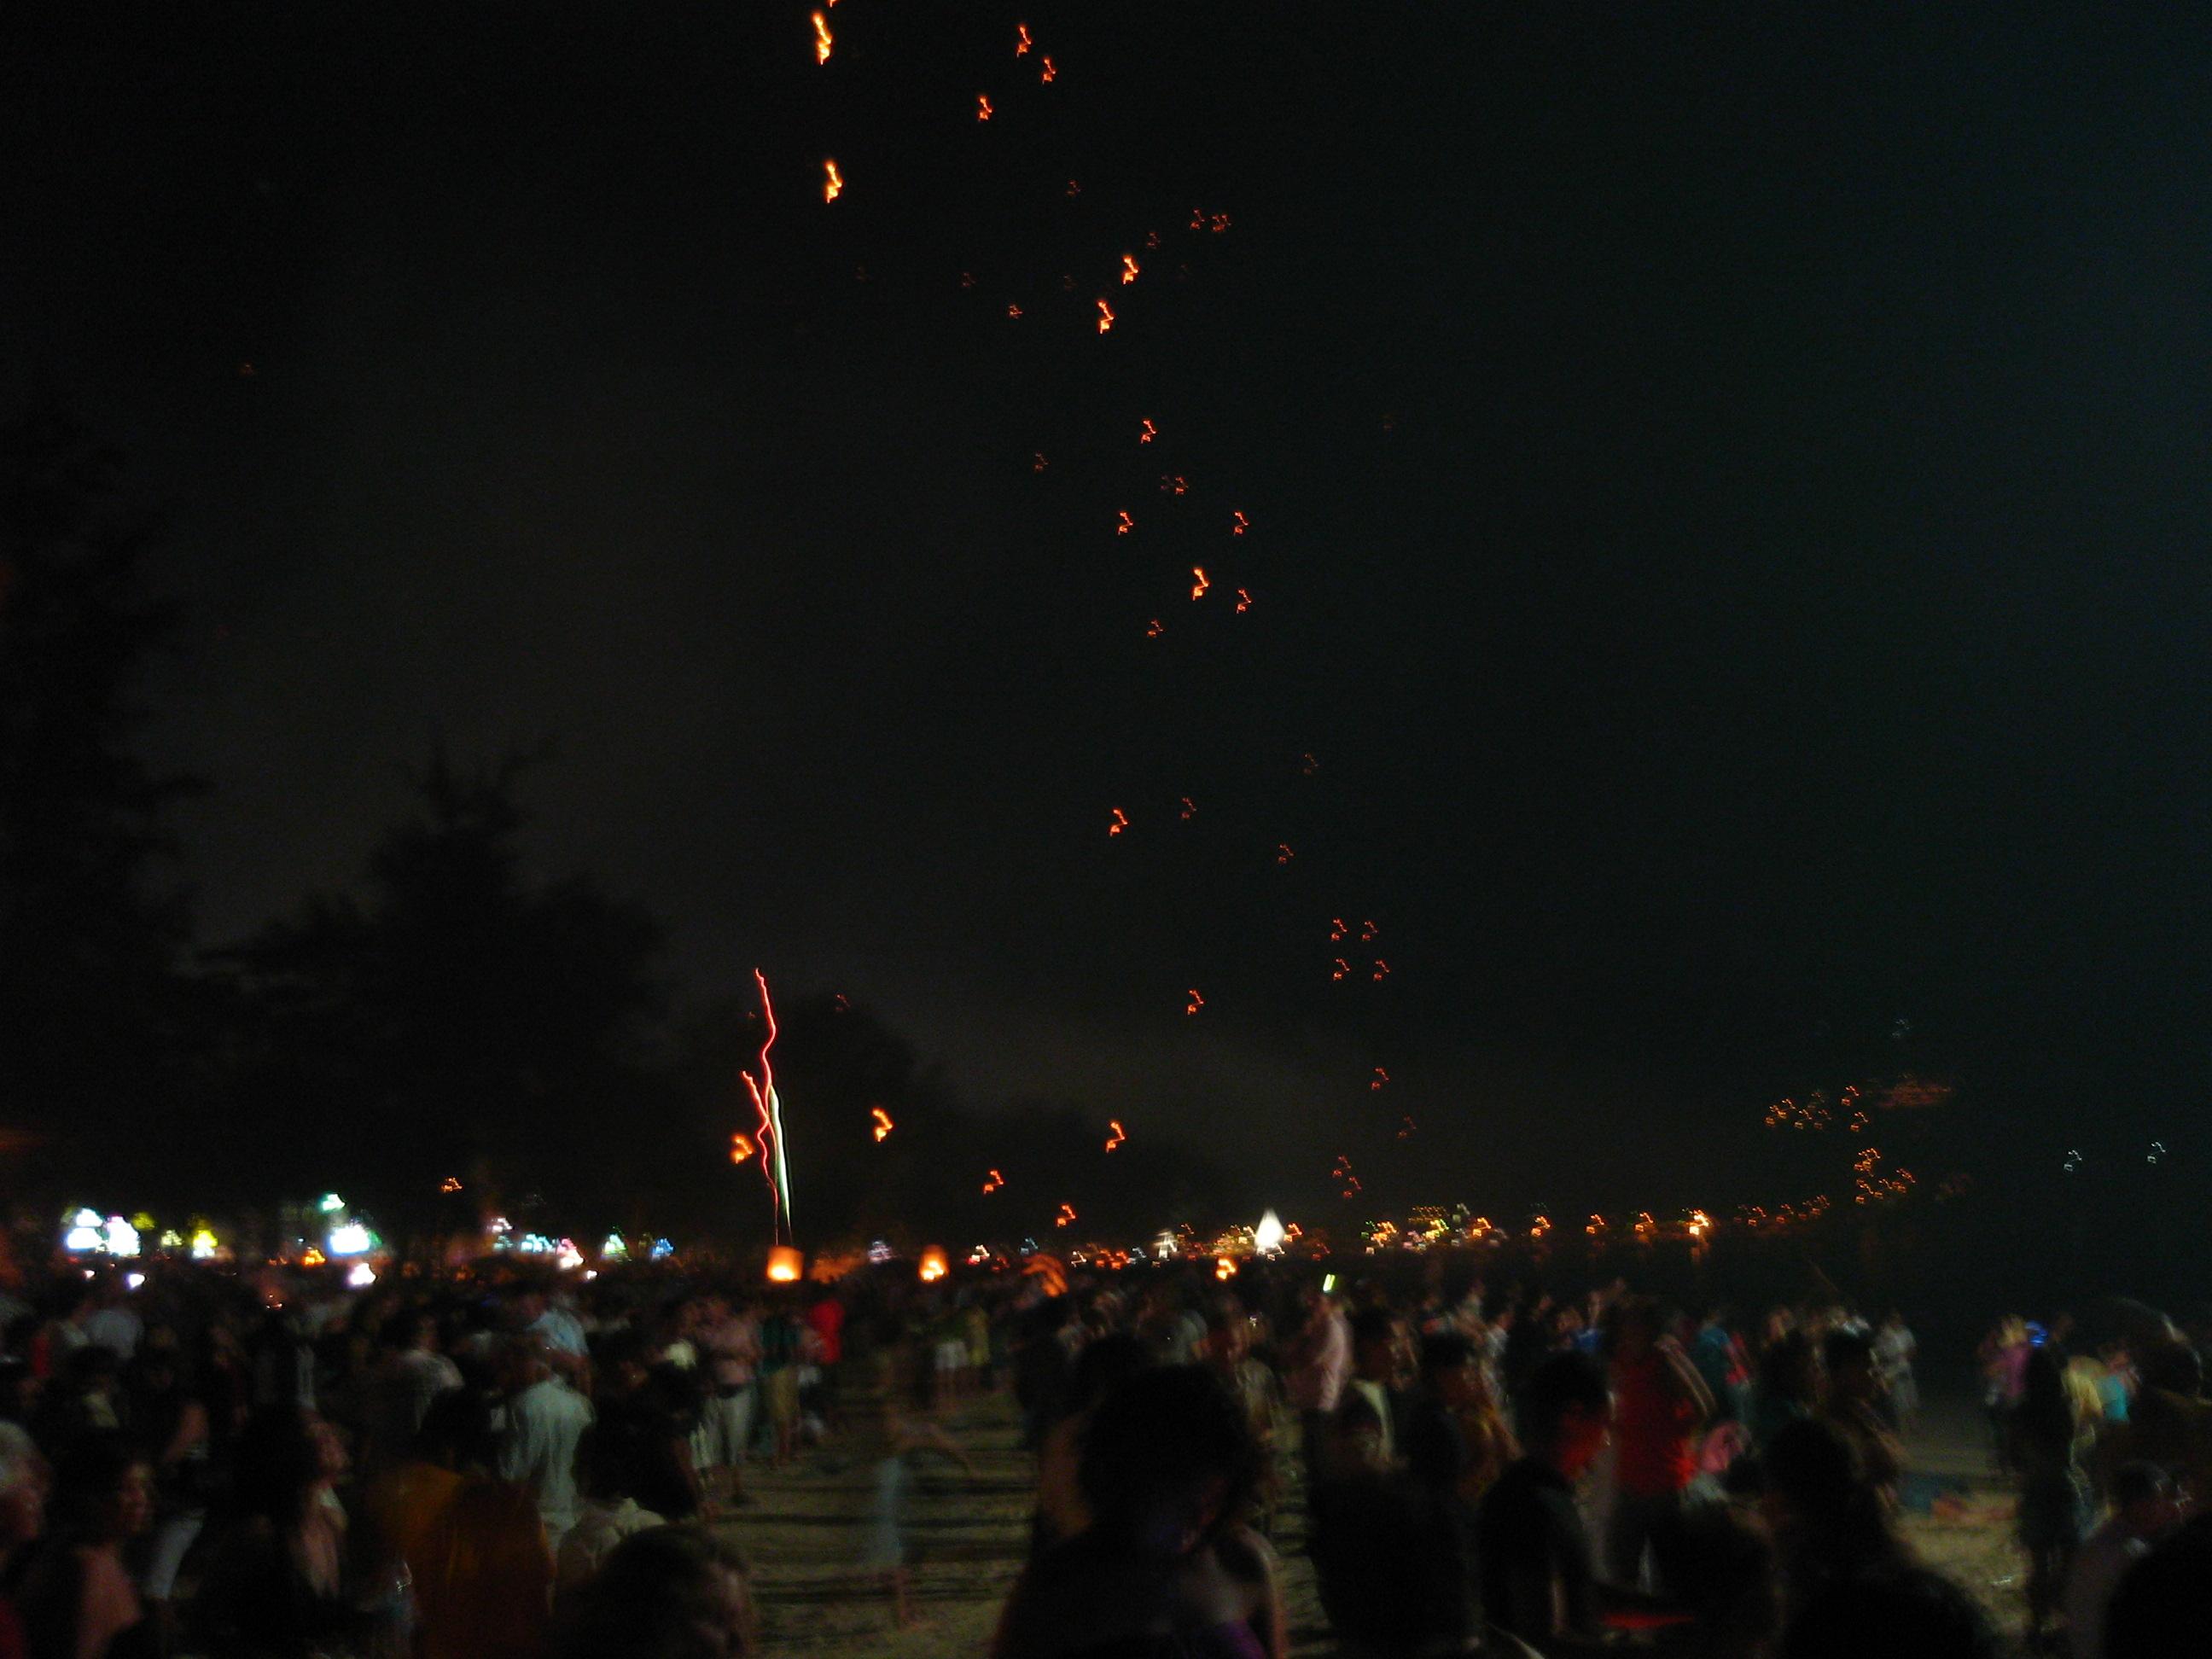 Fire Balloons